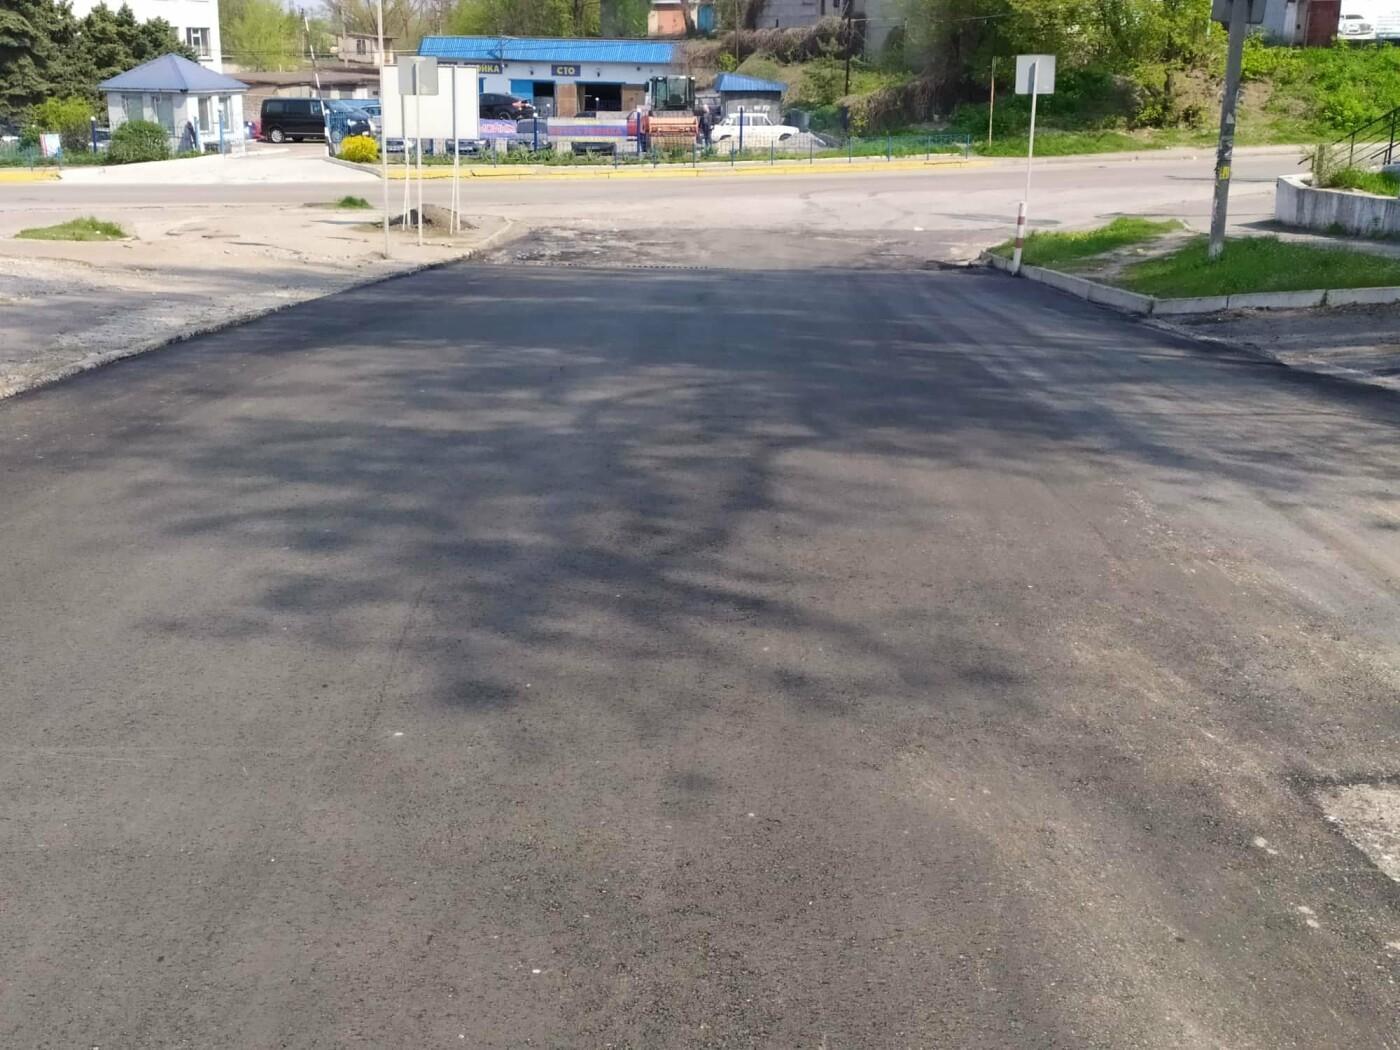 В Каменском на Мурахтова стартовал ремонт дороги, фото-3